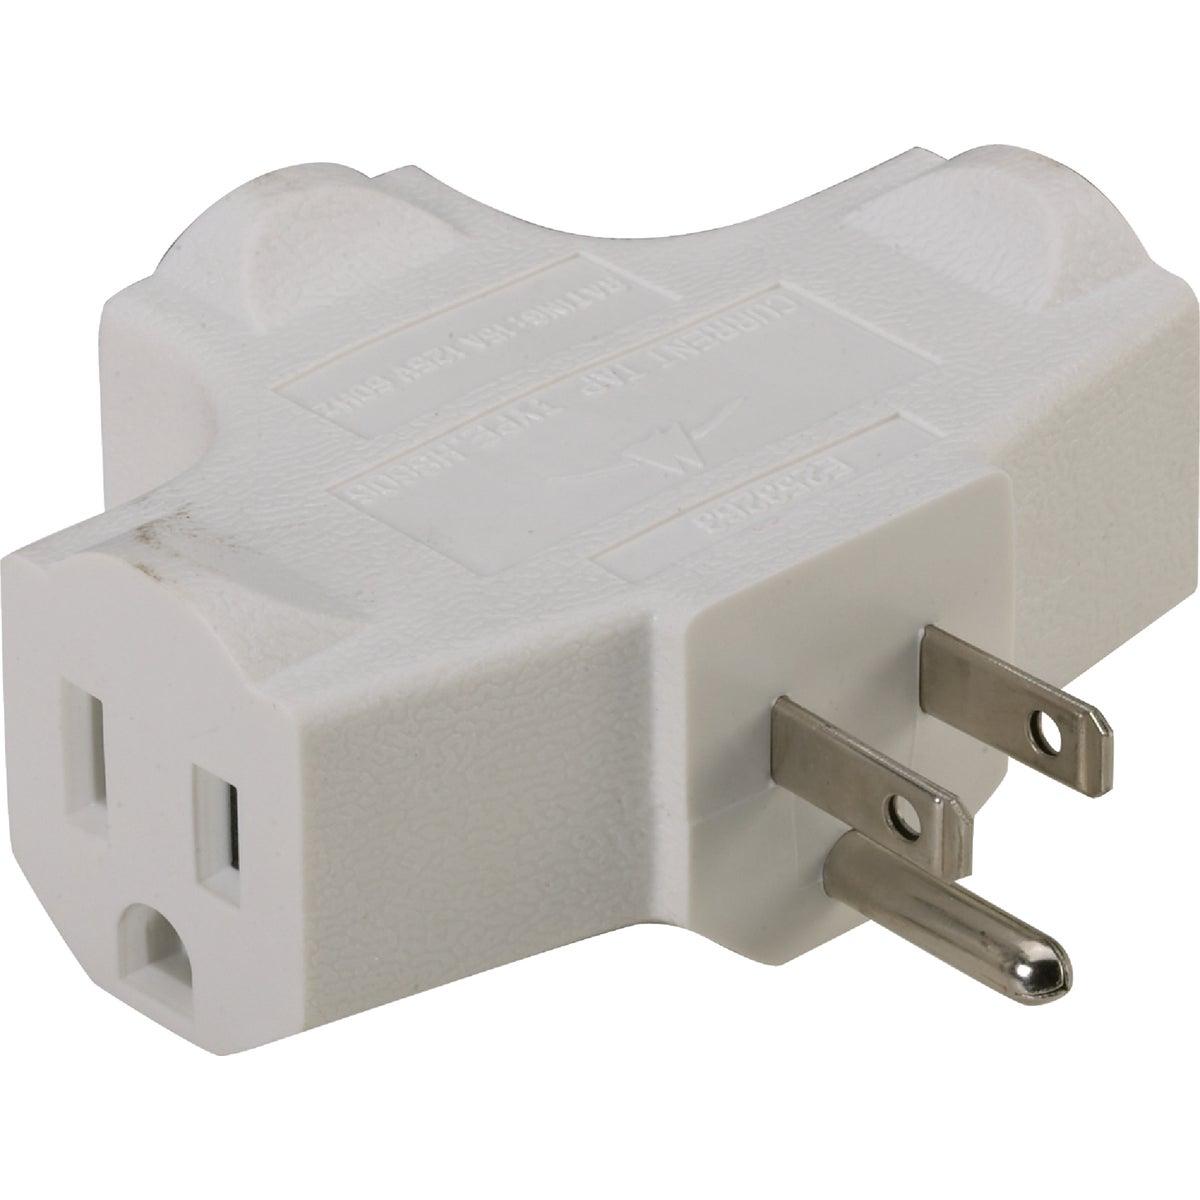 Do it Bulk Multi-Outlet Tap Adapter, 30-ADT-WH-BULK